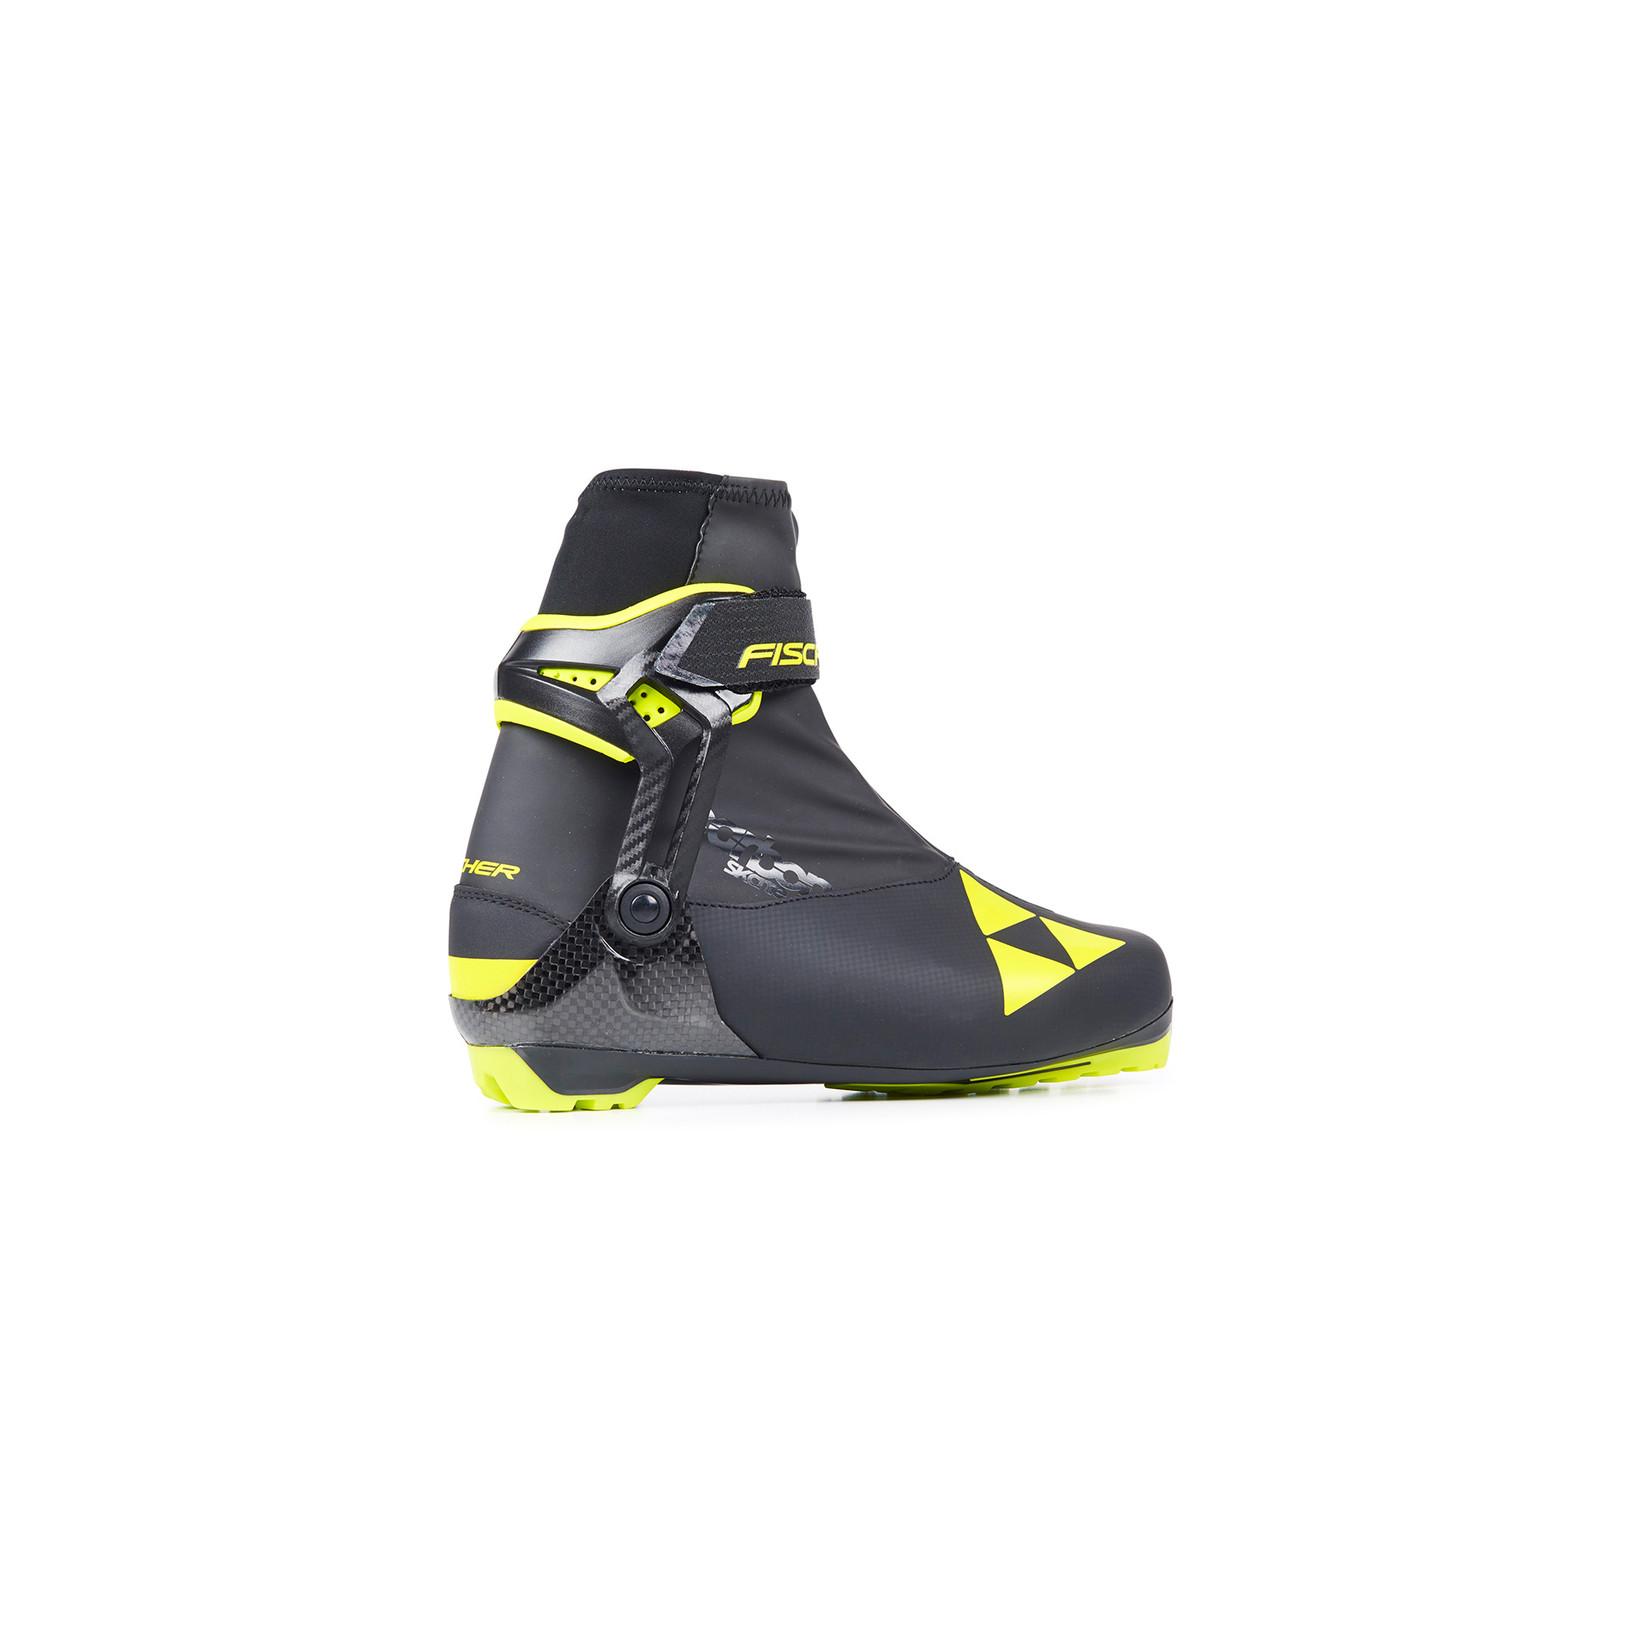 Fischer RCS Carbon Skate